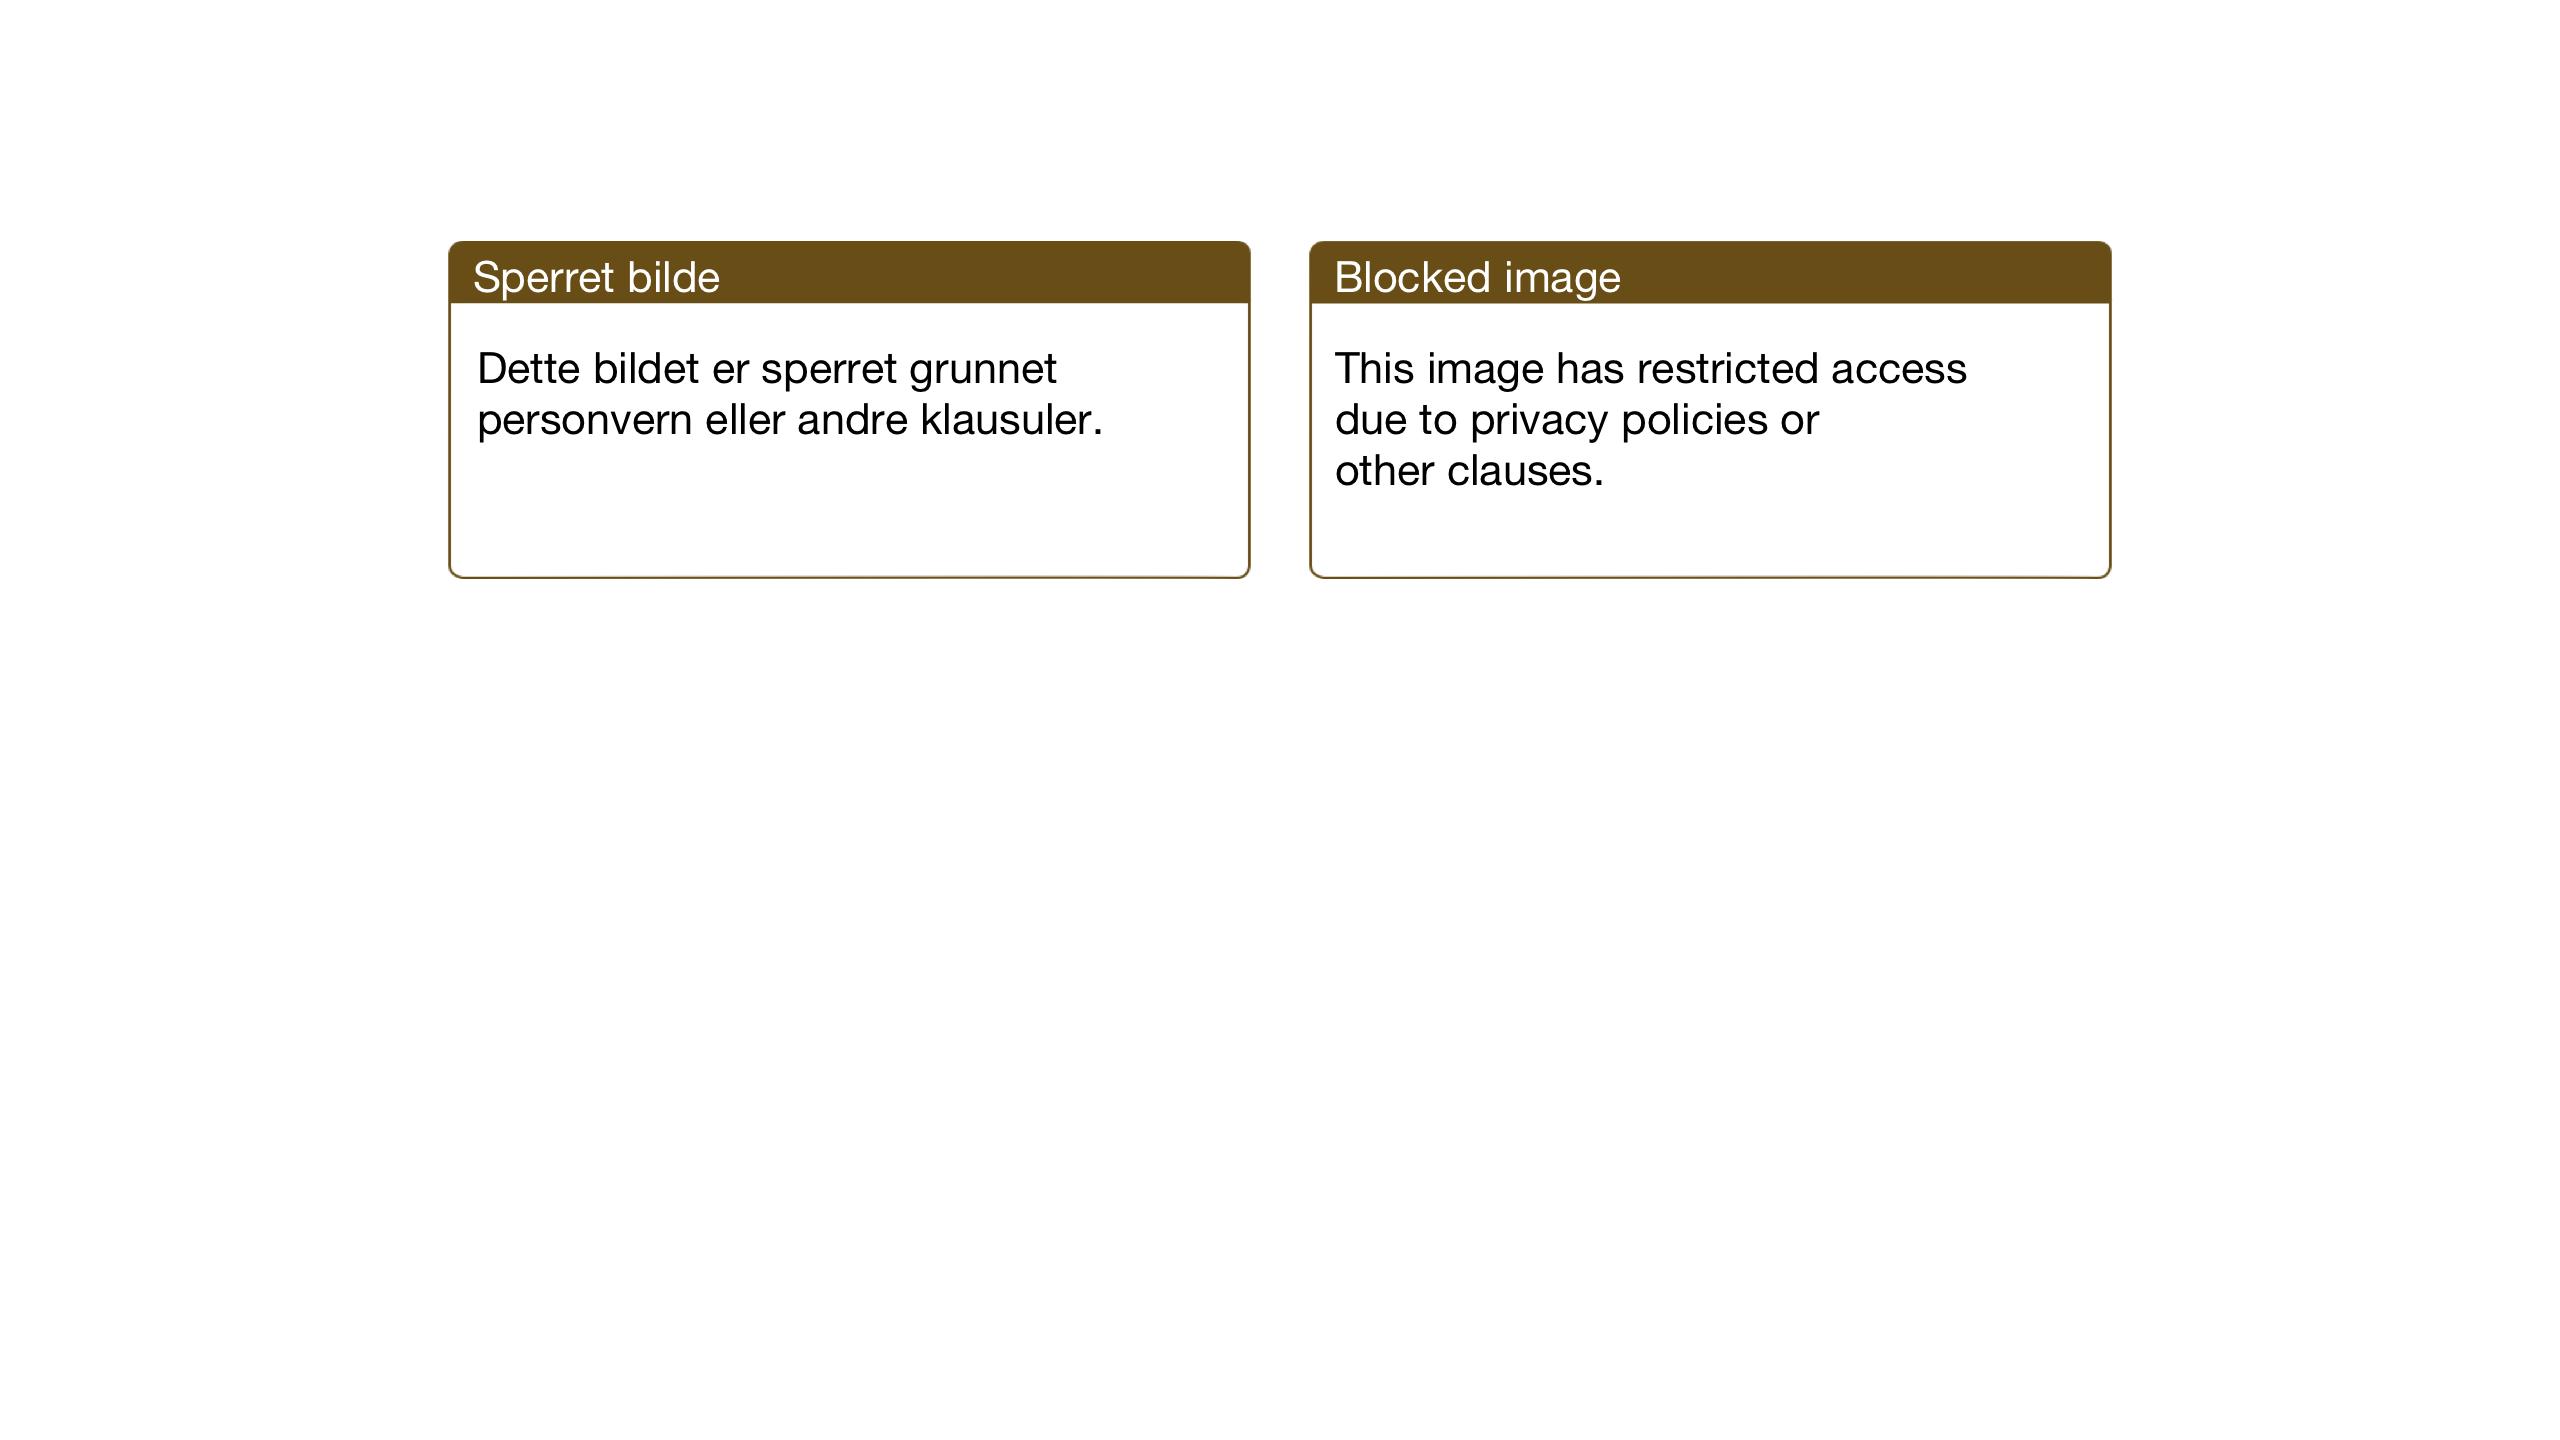 SAT, Ministerialprotokoller, klokkerbøker og fødselsregistre - Nord-Trøndelag, 710/L0097: Klokkerbok nr. 710C02, 1925-1955, s. 94